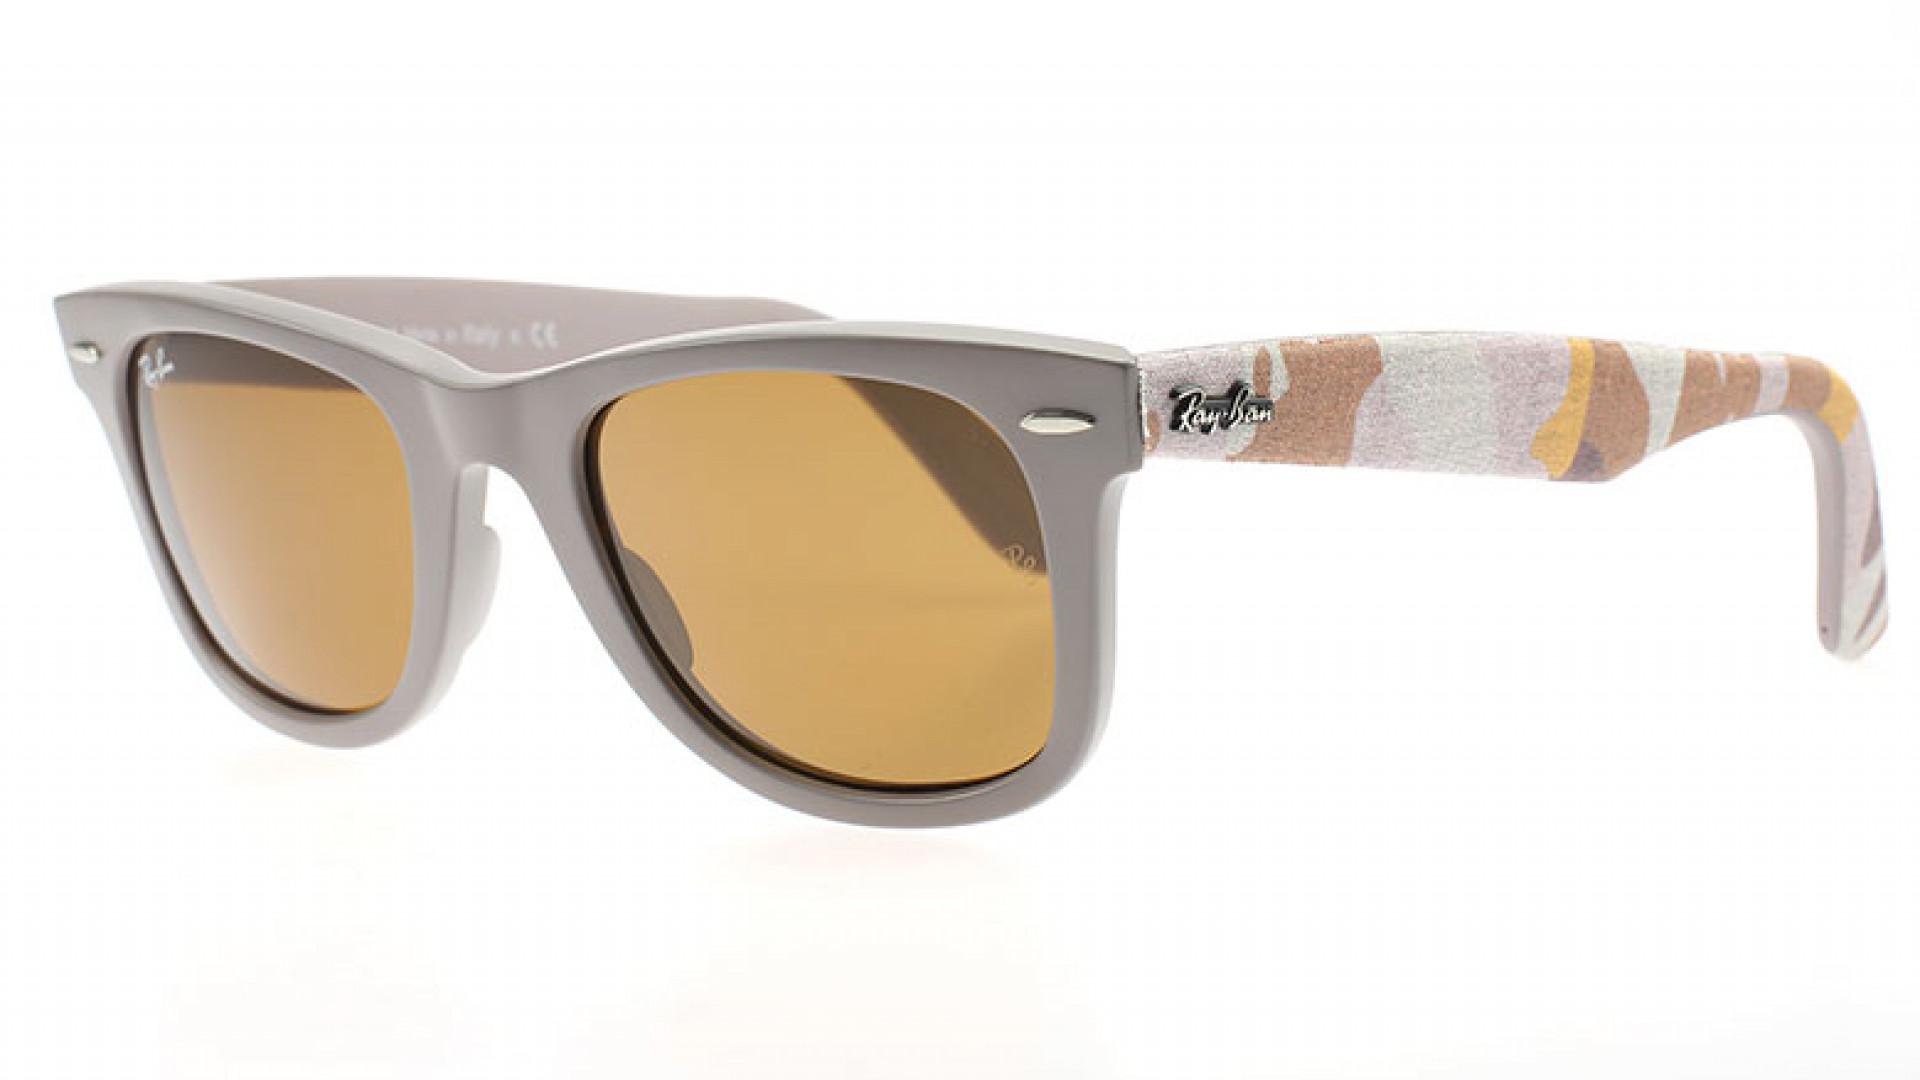 Ray-Ban-£122-sunglasses-shop.co.uk